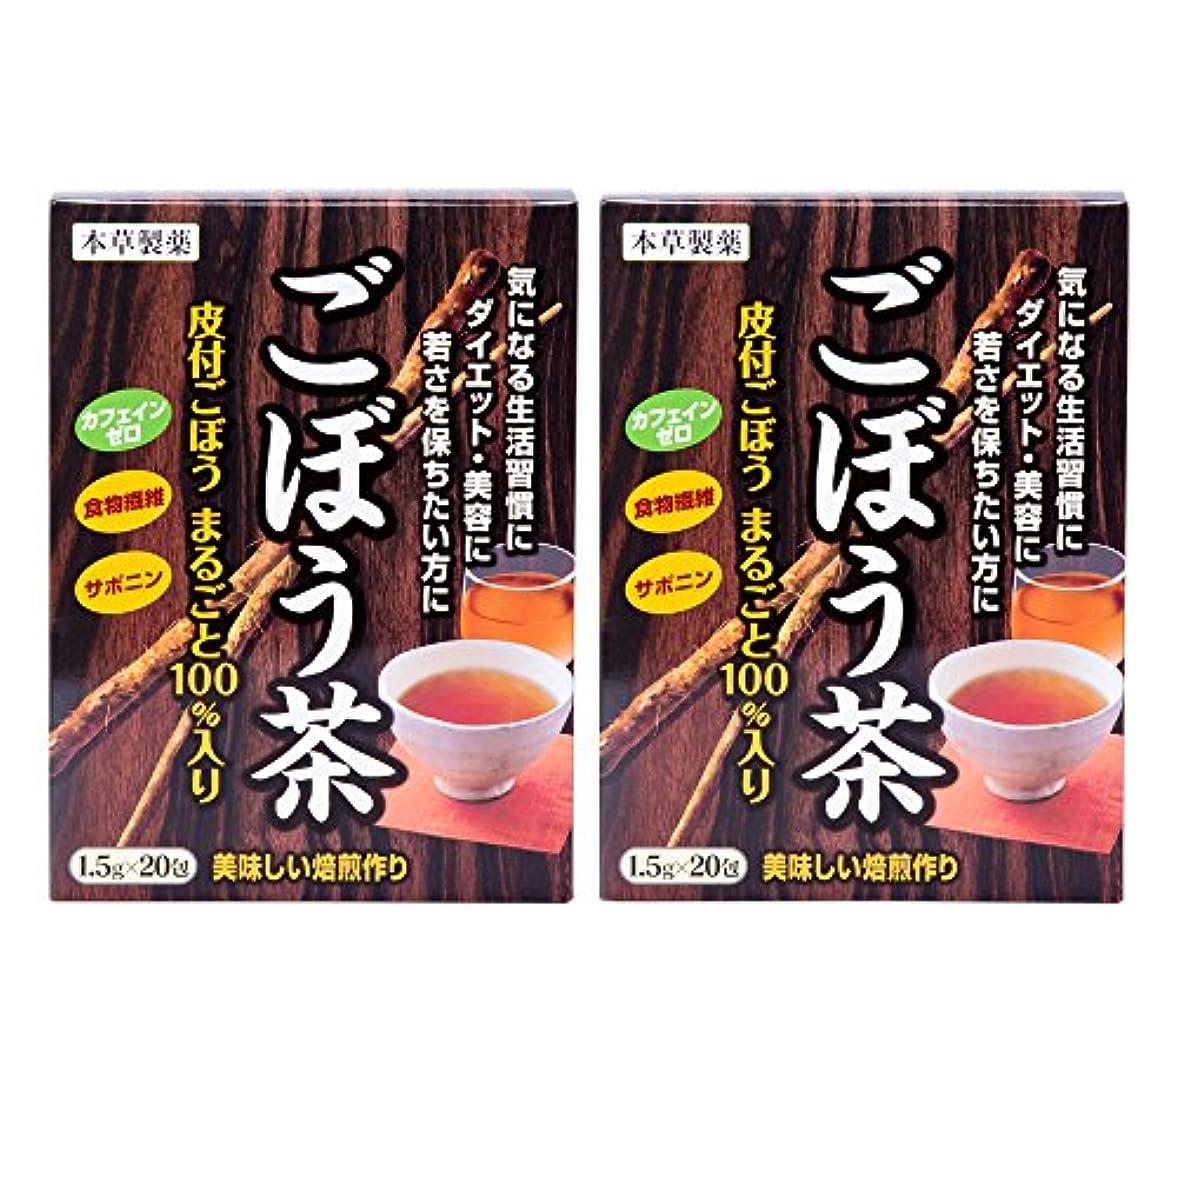 切断する一般的に言えばボット本草製薬 ごぼう茶 2個セット